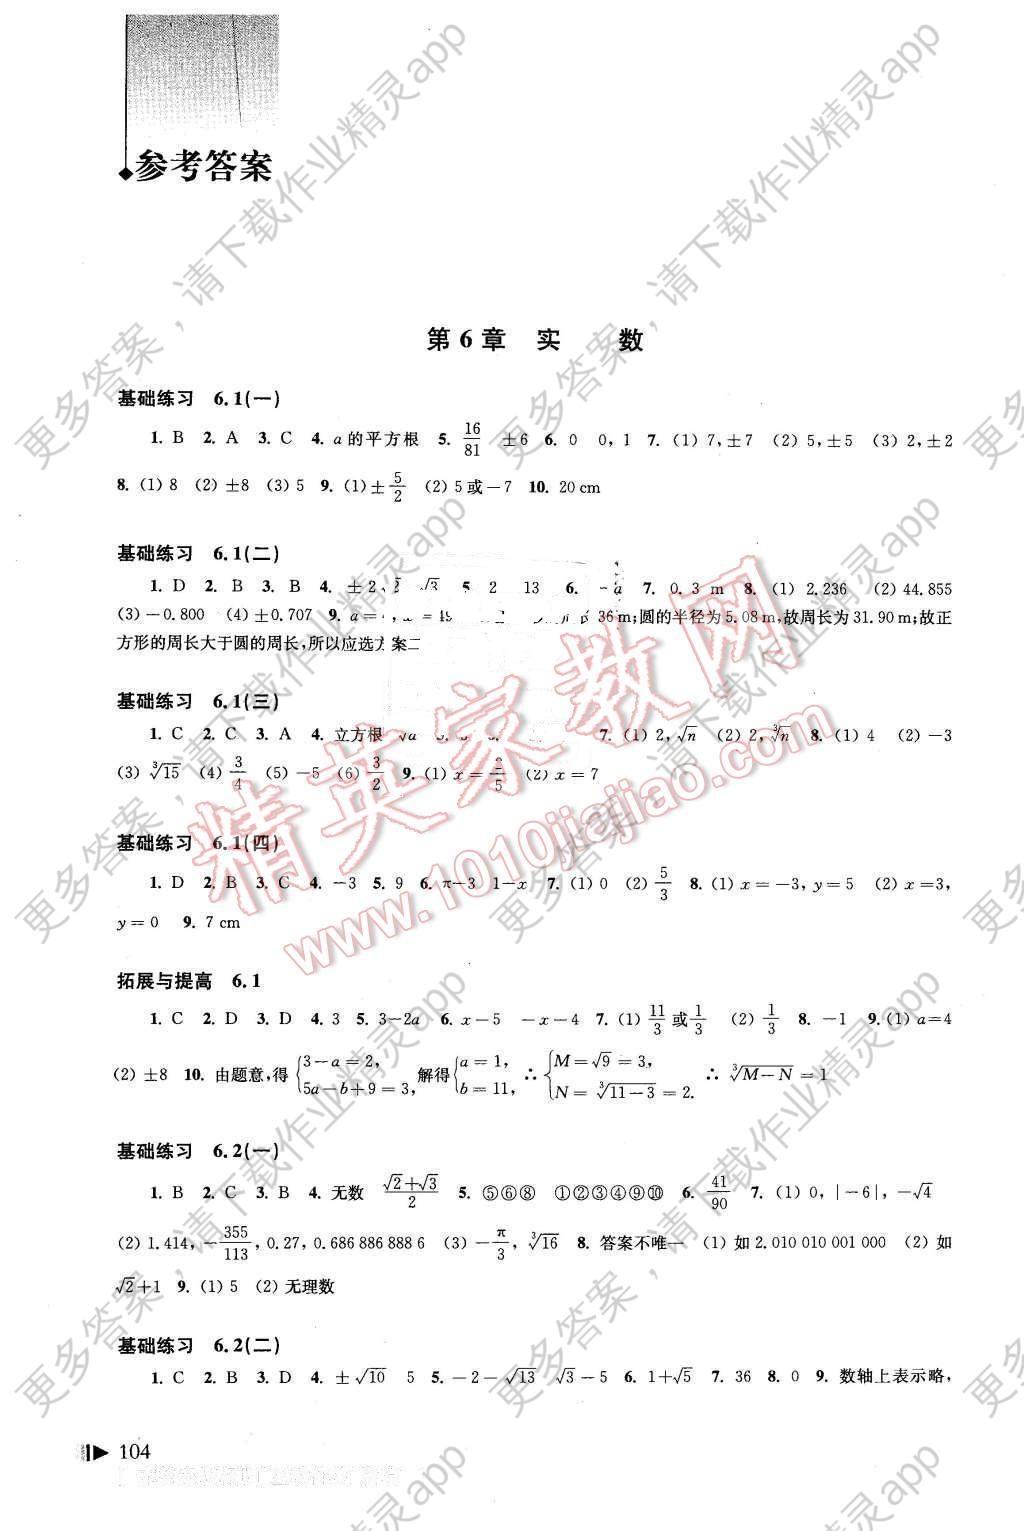 2016年下册年级同步怀恋七初中初中沪科版答练习说说生活数学的图片